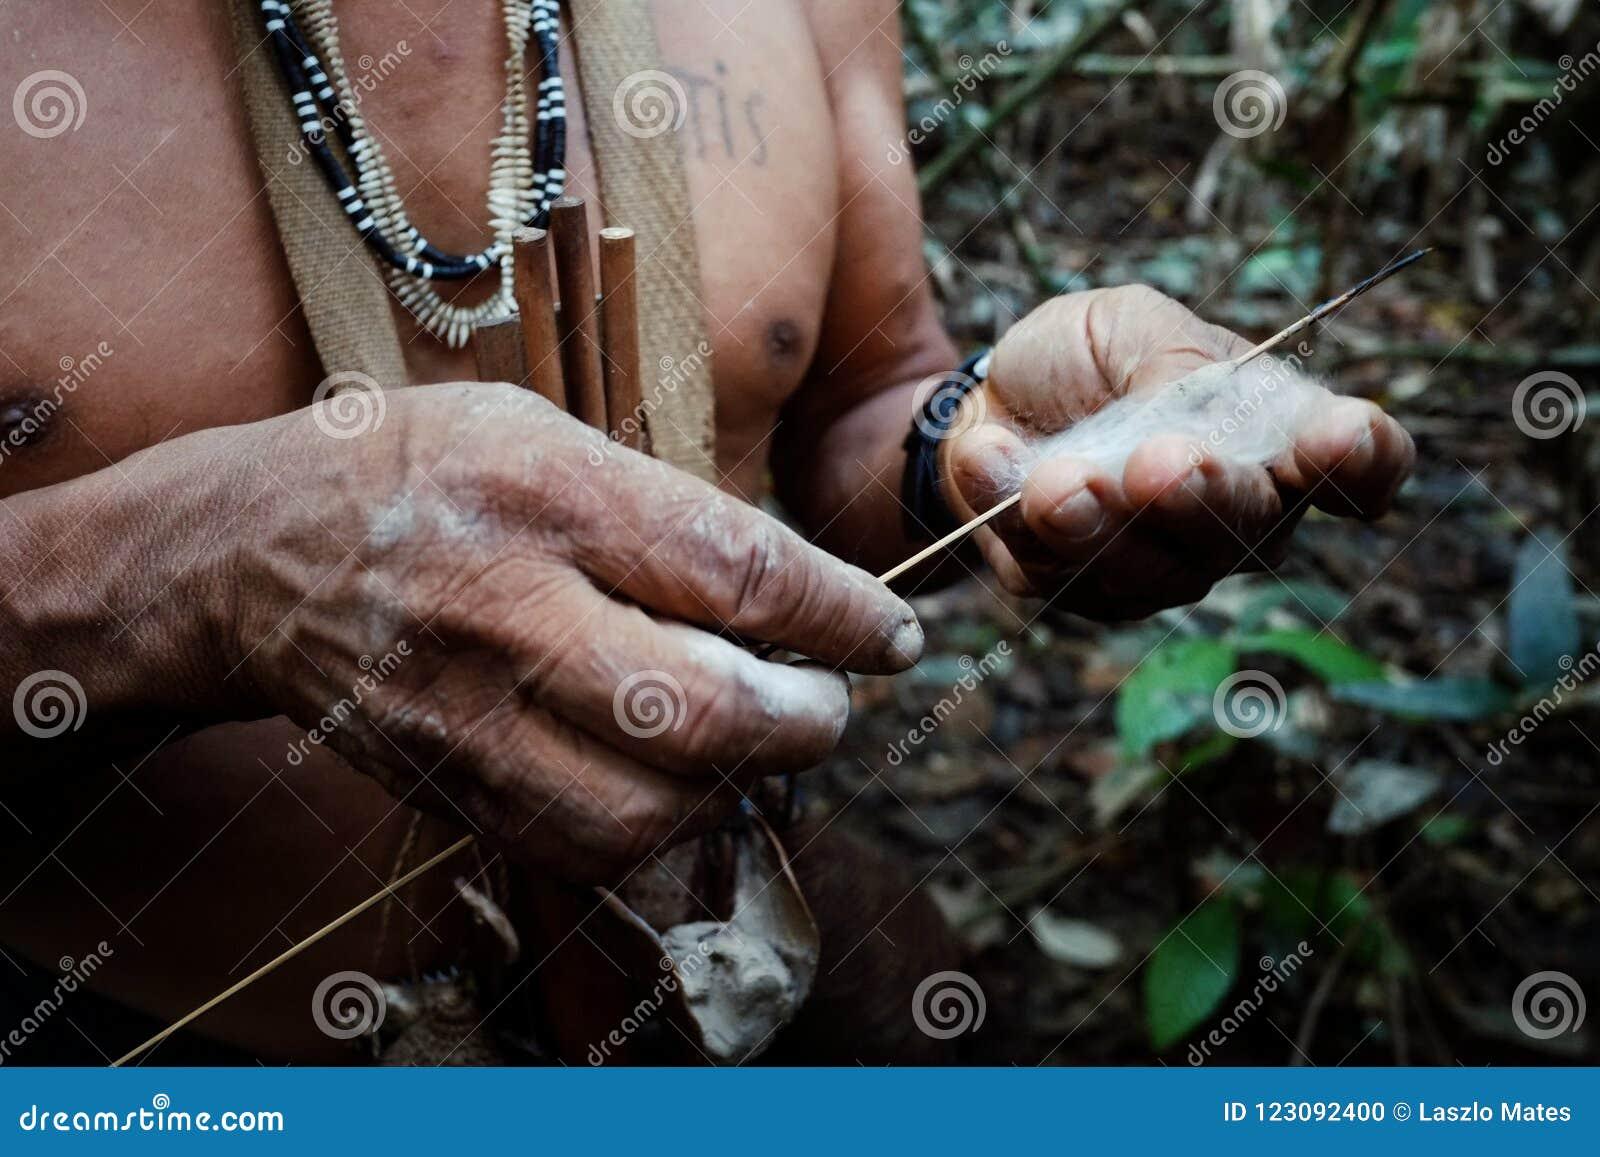 Caça tribal de Binan Tukum da pessoa idosa com seu filho para macacos na floresta úmida